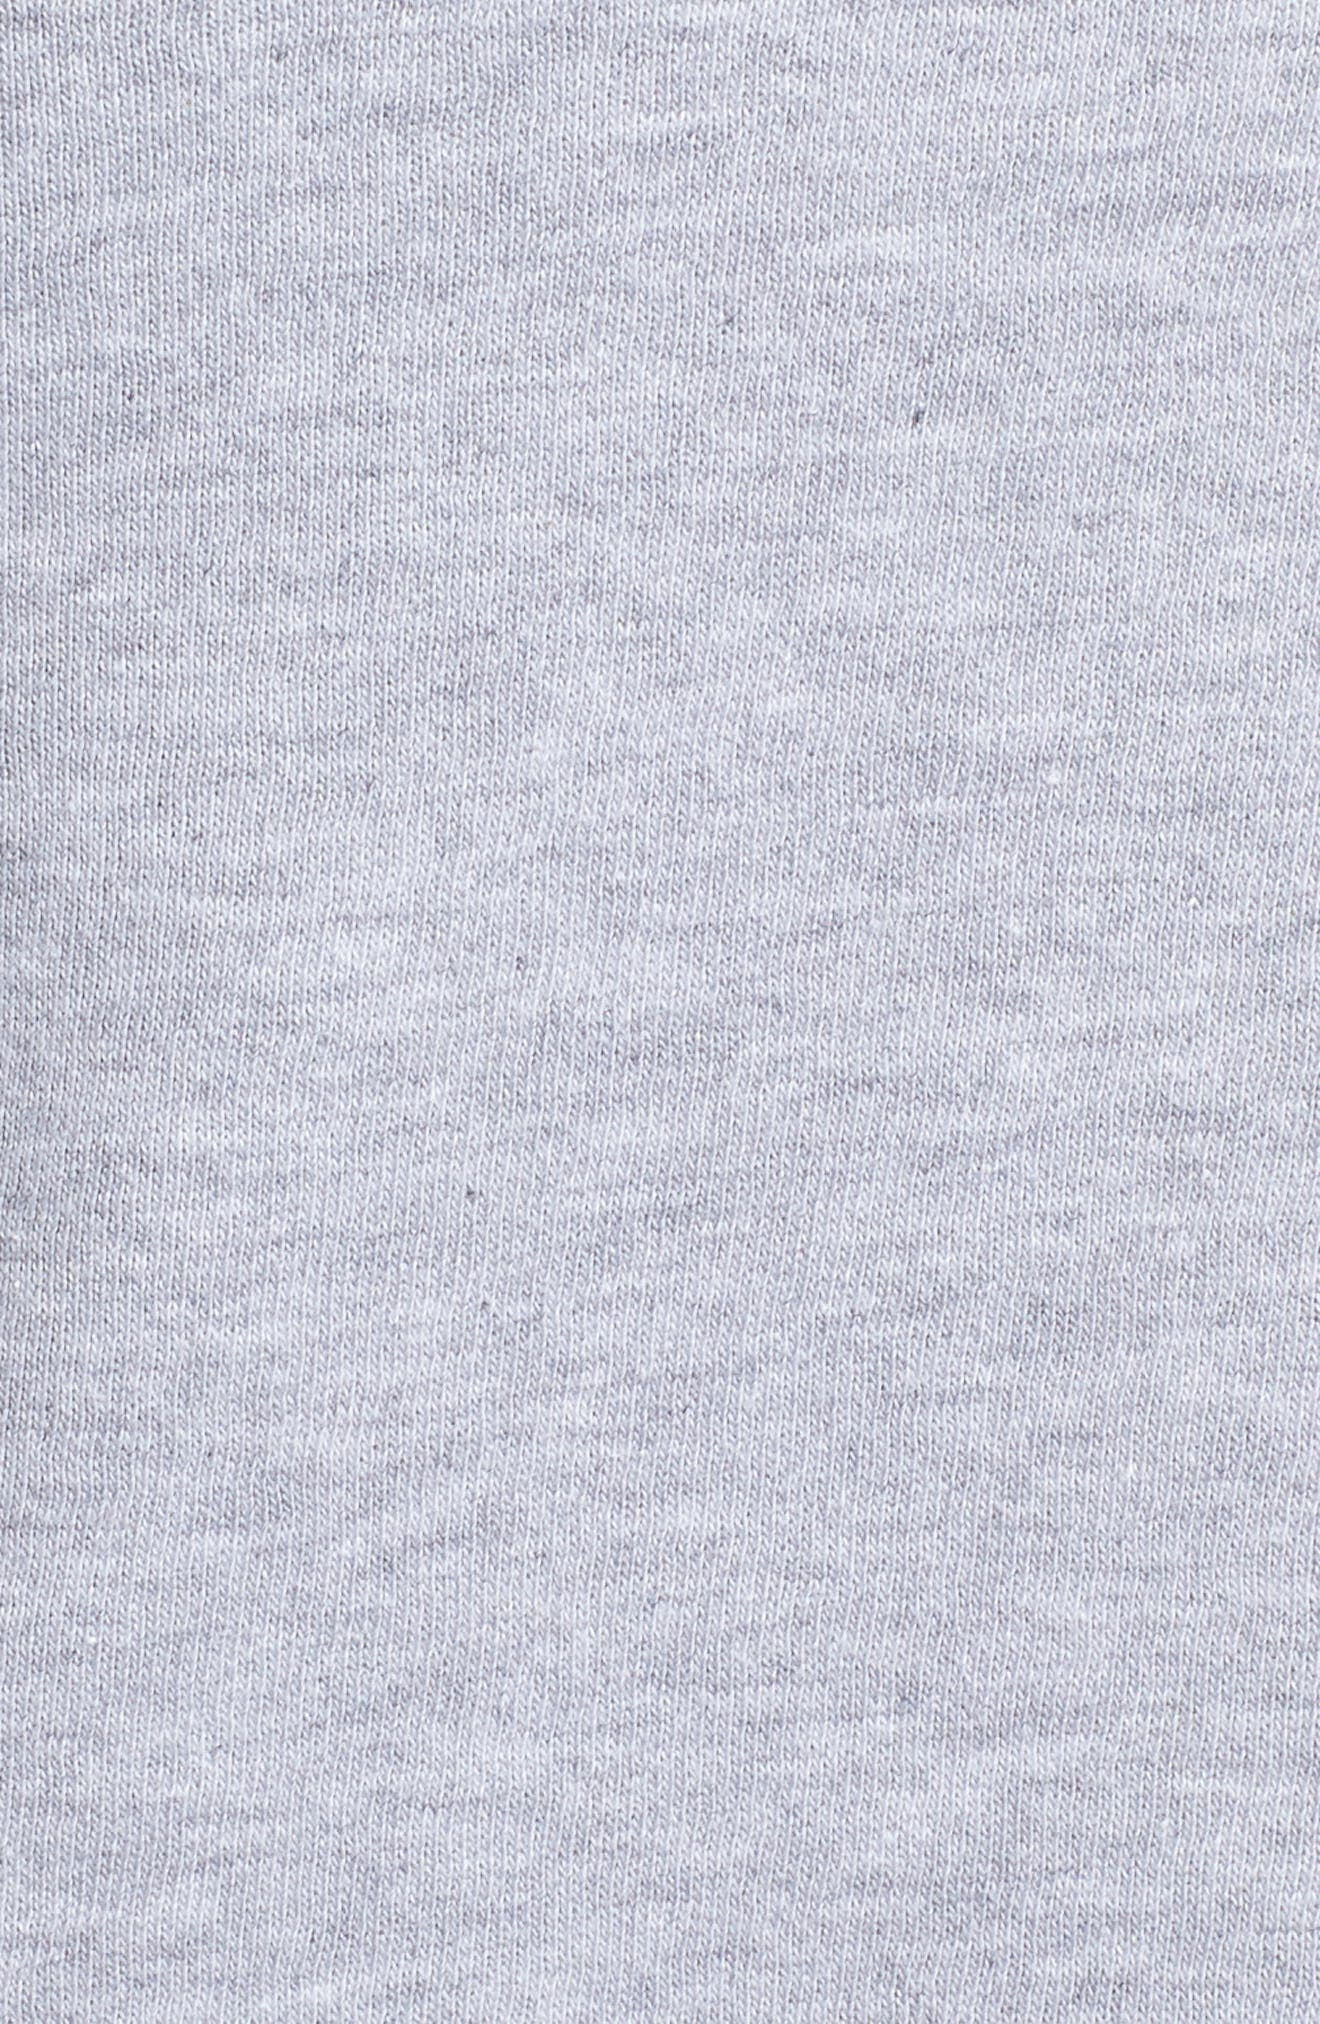 Trivert Cotton Blend Hoodie,                             Alternate thumbnail 15, color,